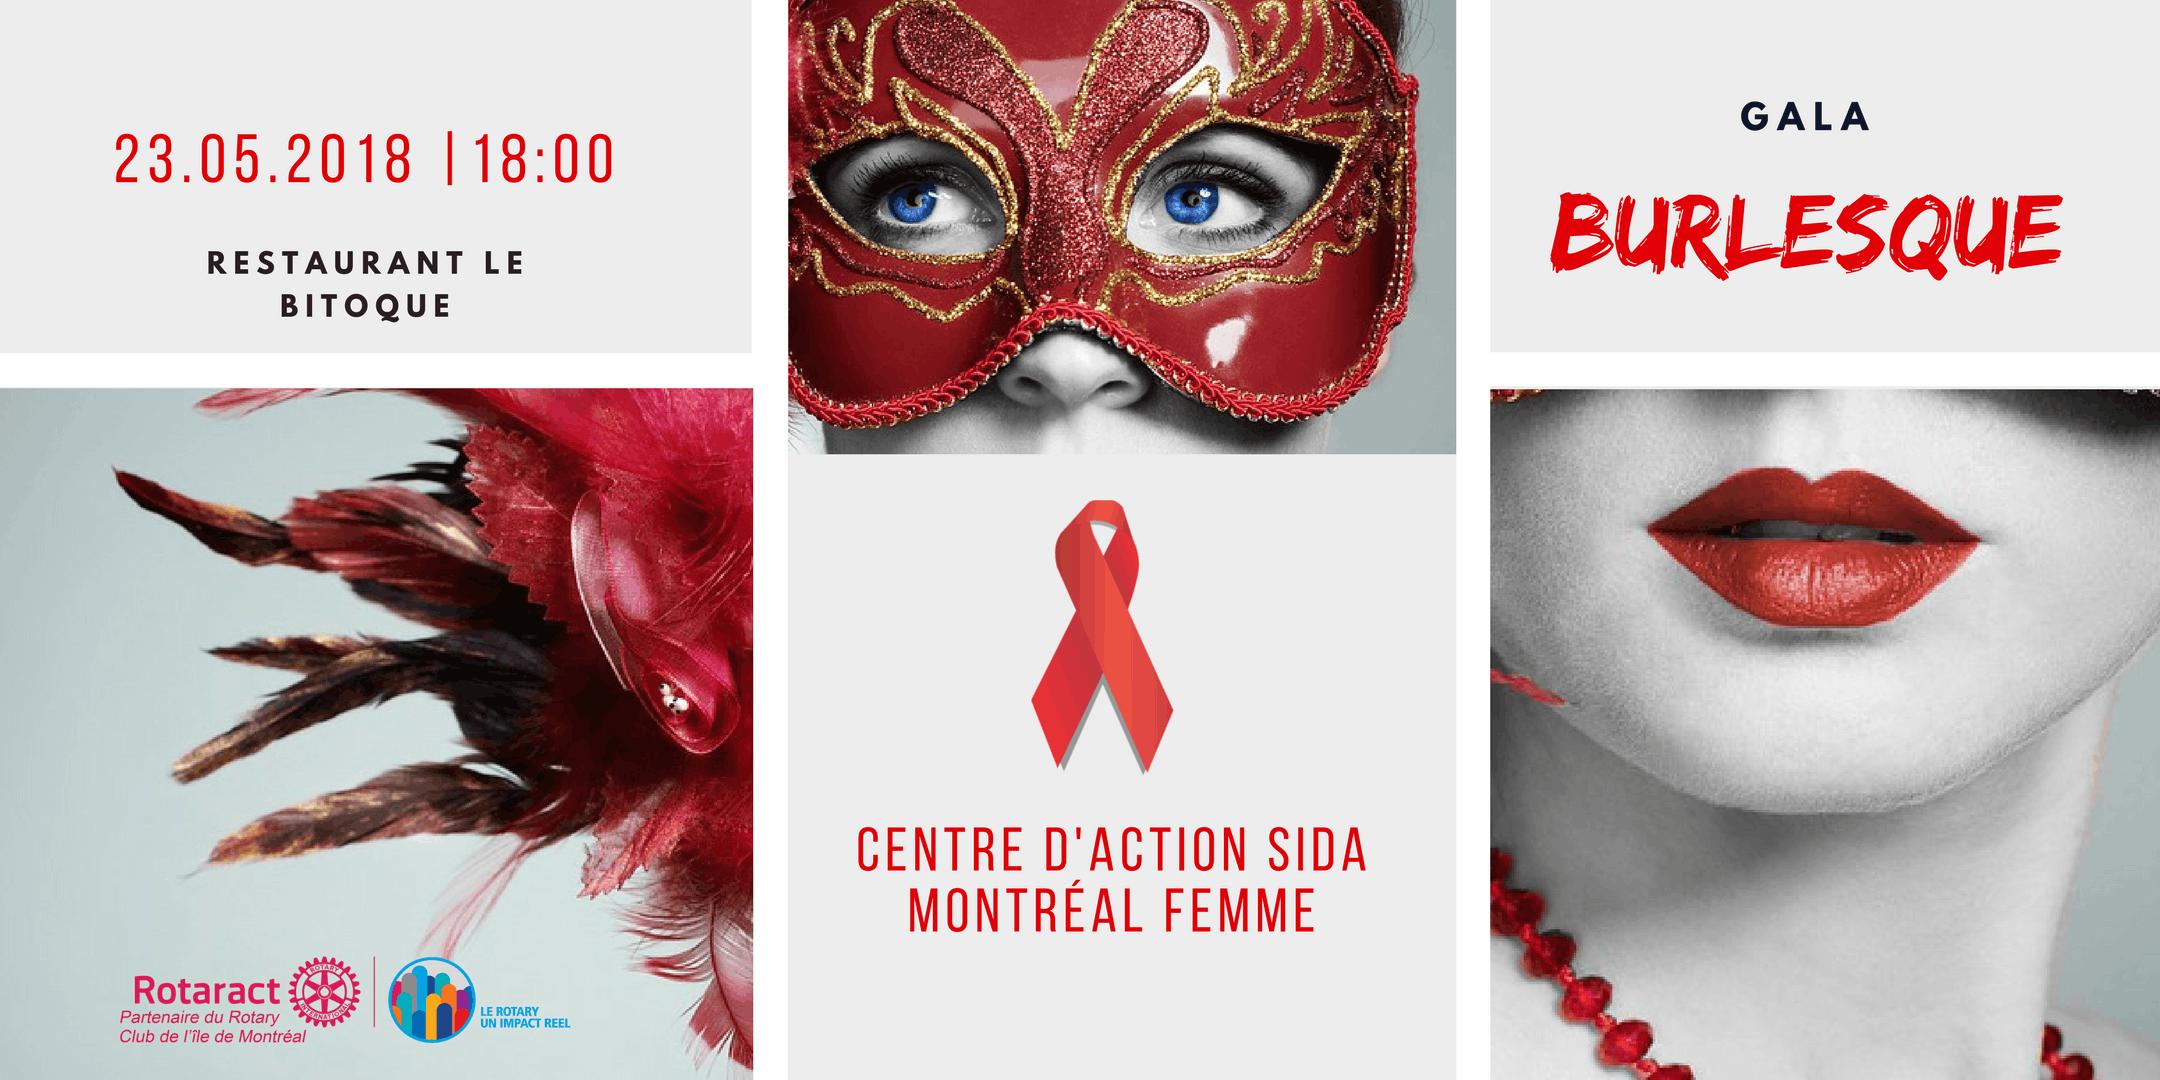 Gala Burlesque au profit du Centre d'Action S